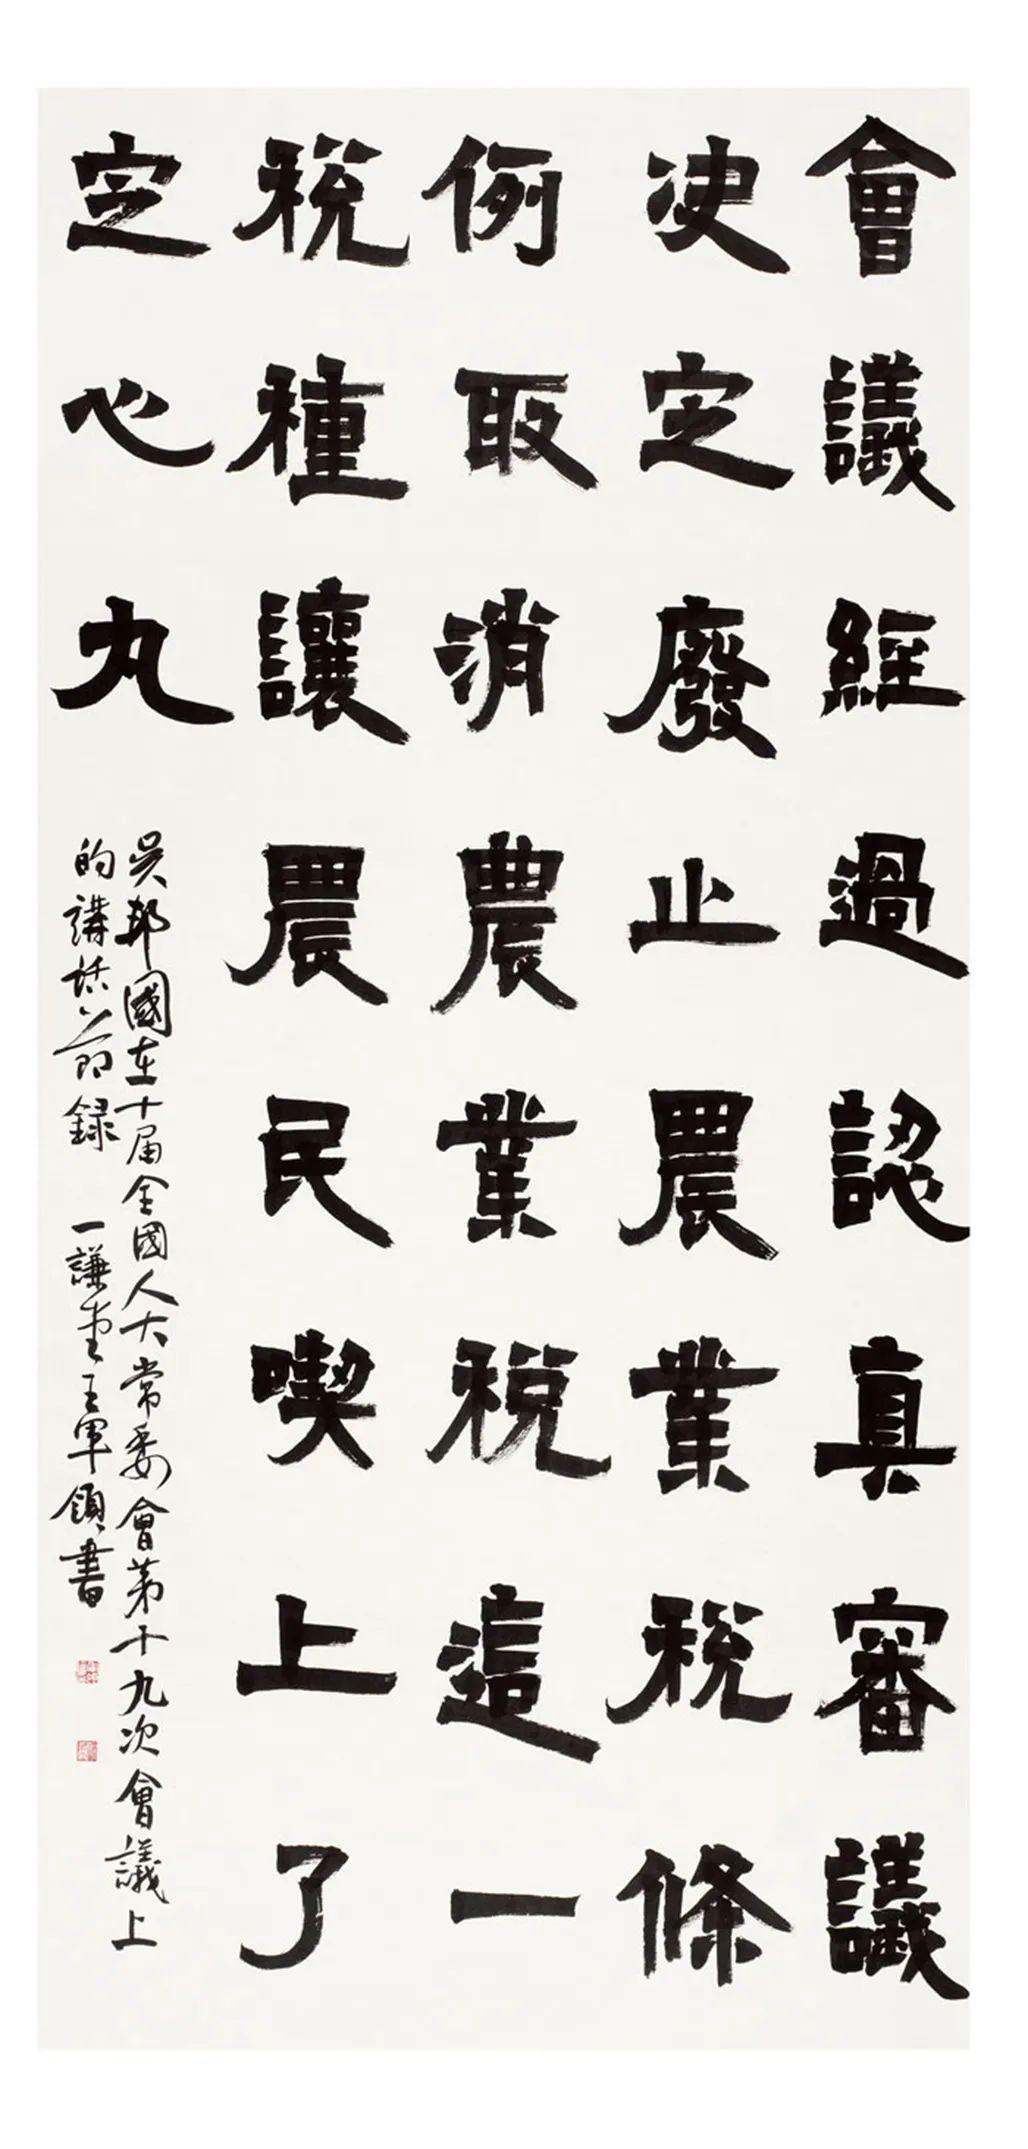 中国力量——全国扶贫书法大展作品 | 第一篇章 :人民至上(图21)